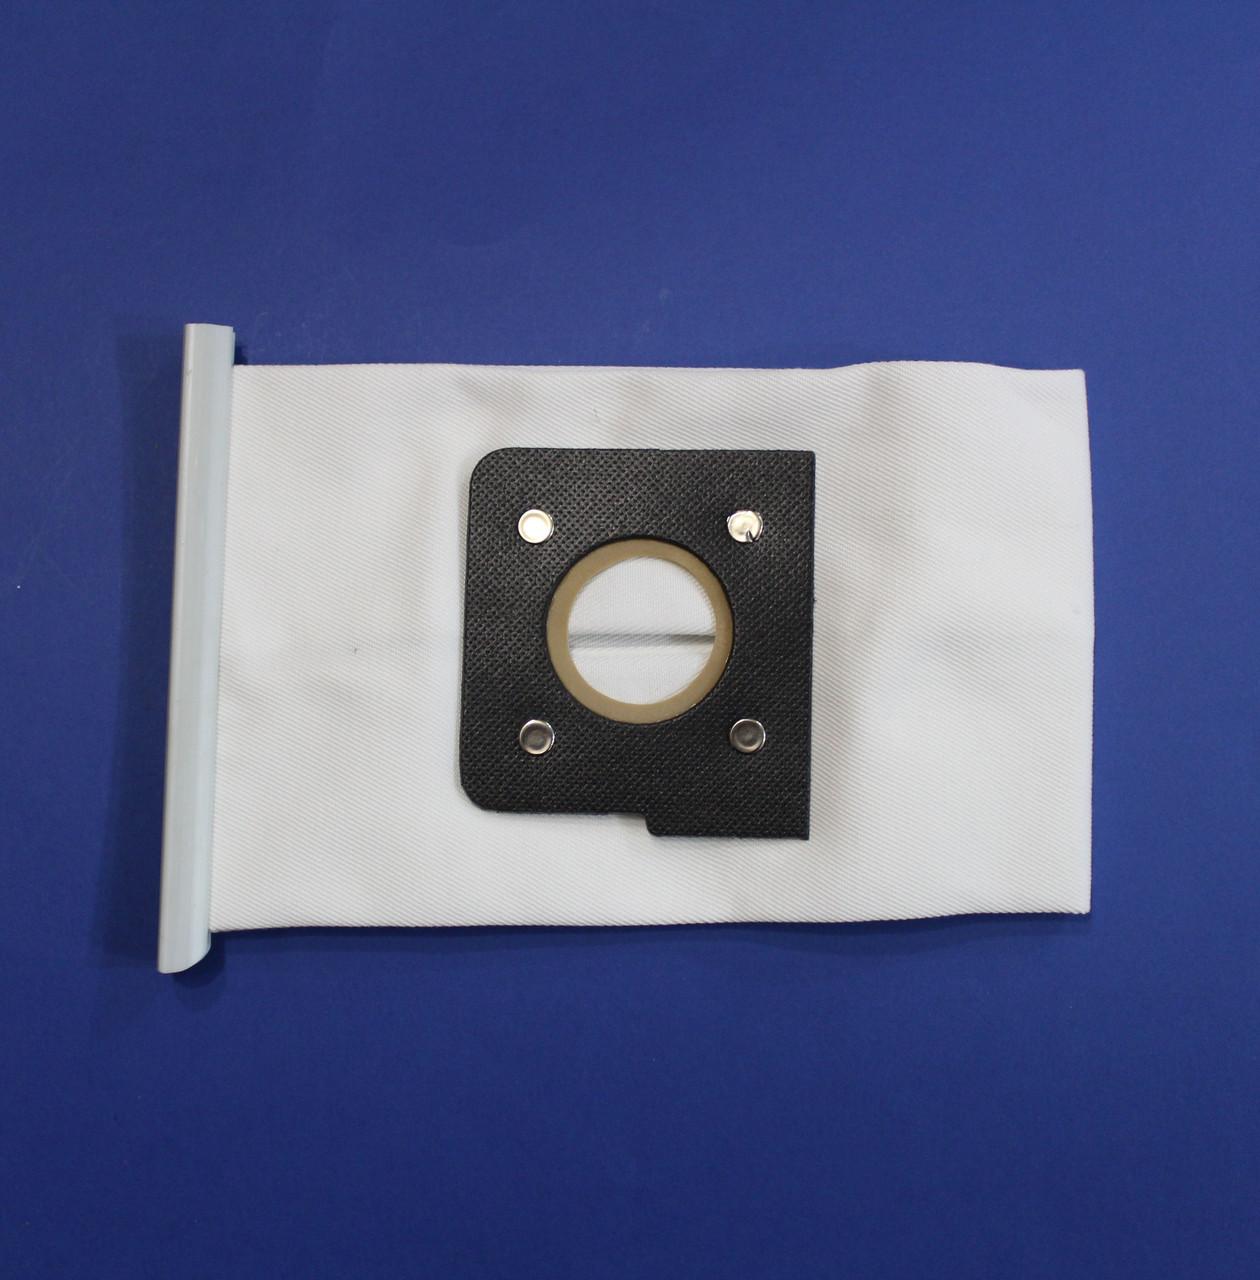 Мешок Jewel FT06 для пылесоса Lg